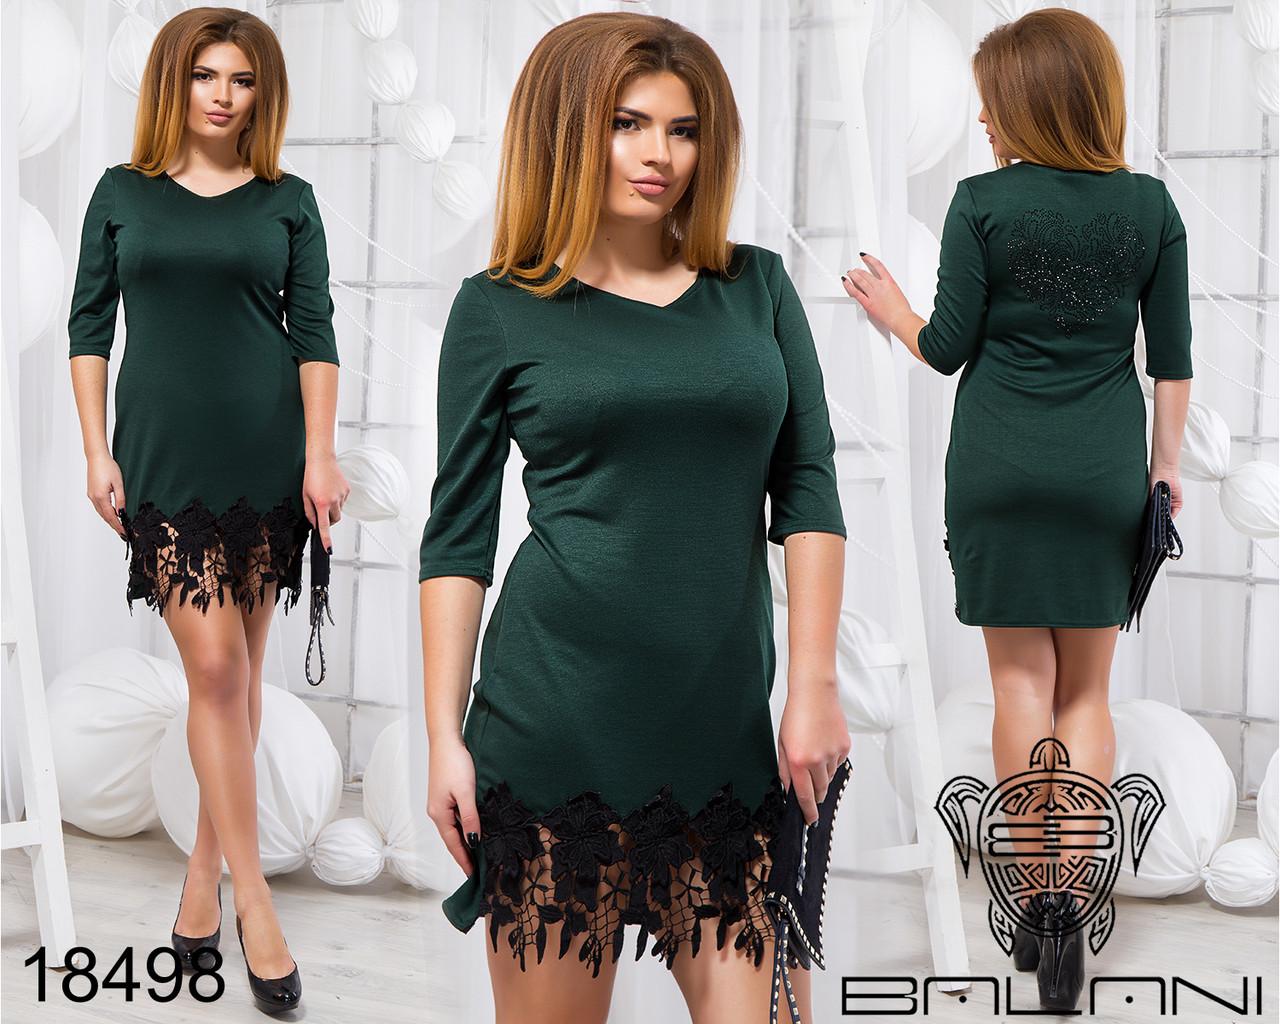 Стильное платье с кружевом - 18498 Темно-зеленое/48